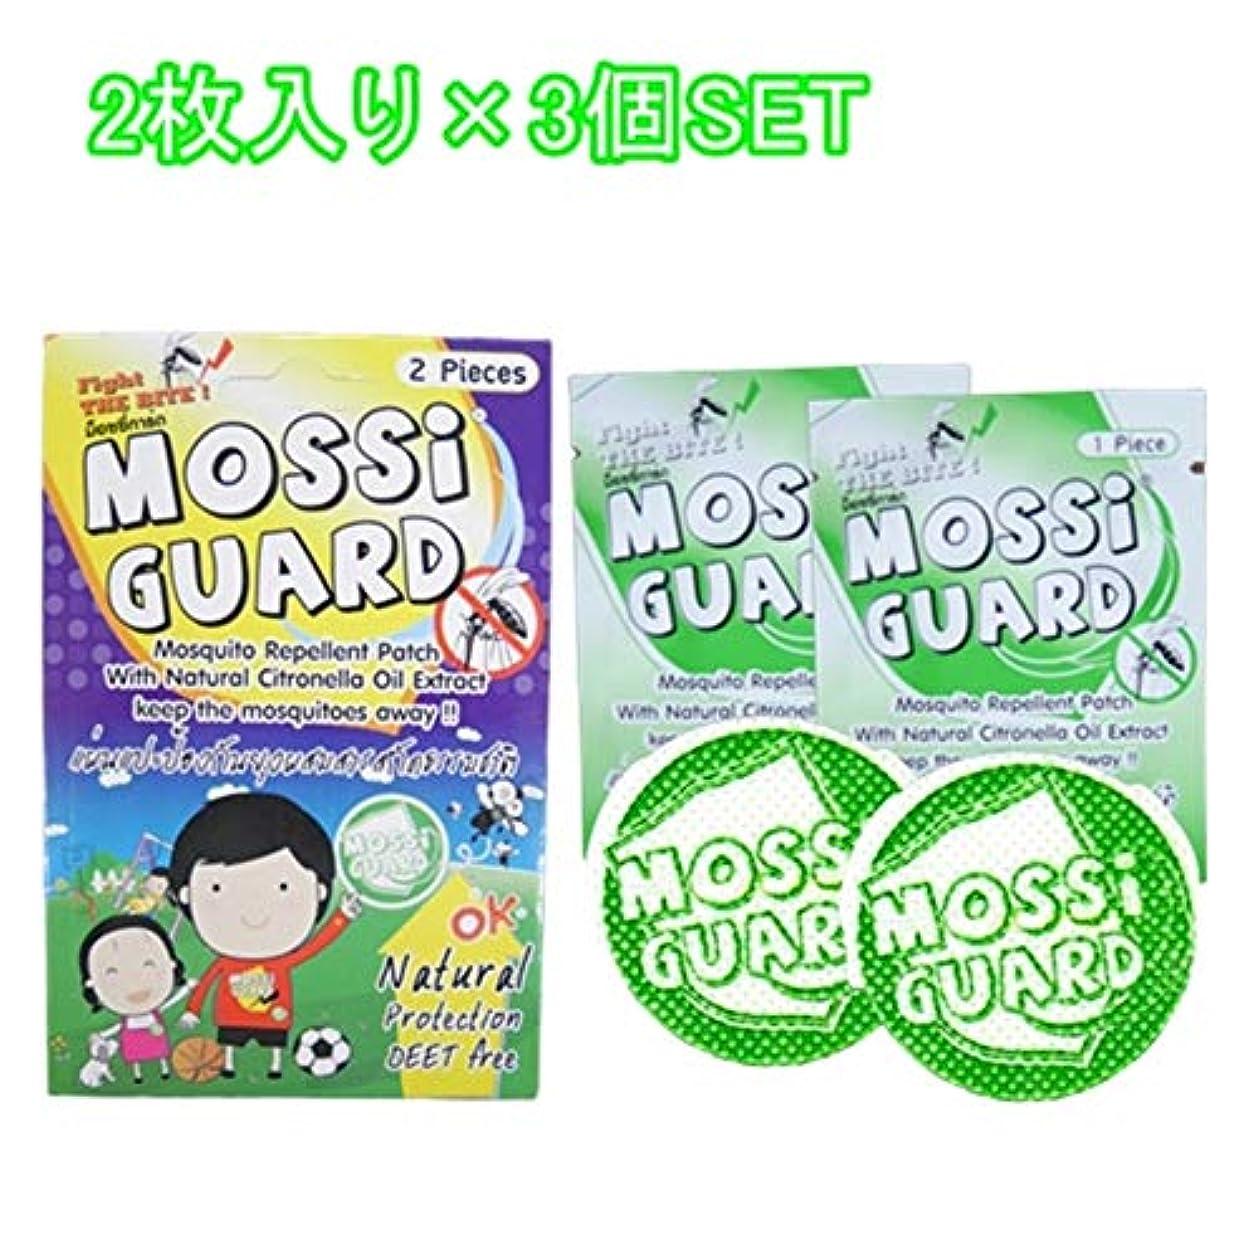 販売計画ではごきげんよう判決Mossi GUARD 天然成分 DEET FREE 虫よけシール2枚入り 3袋SET